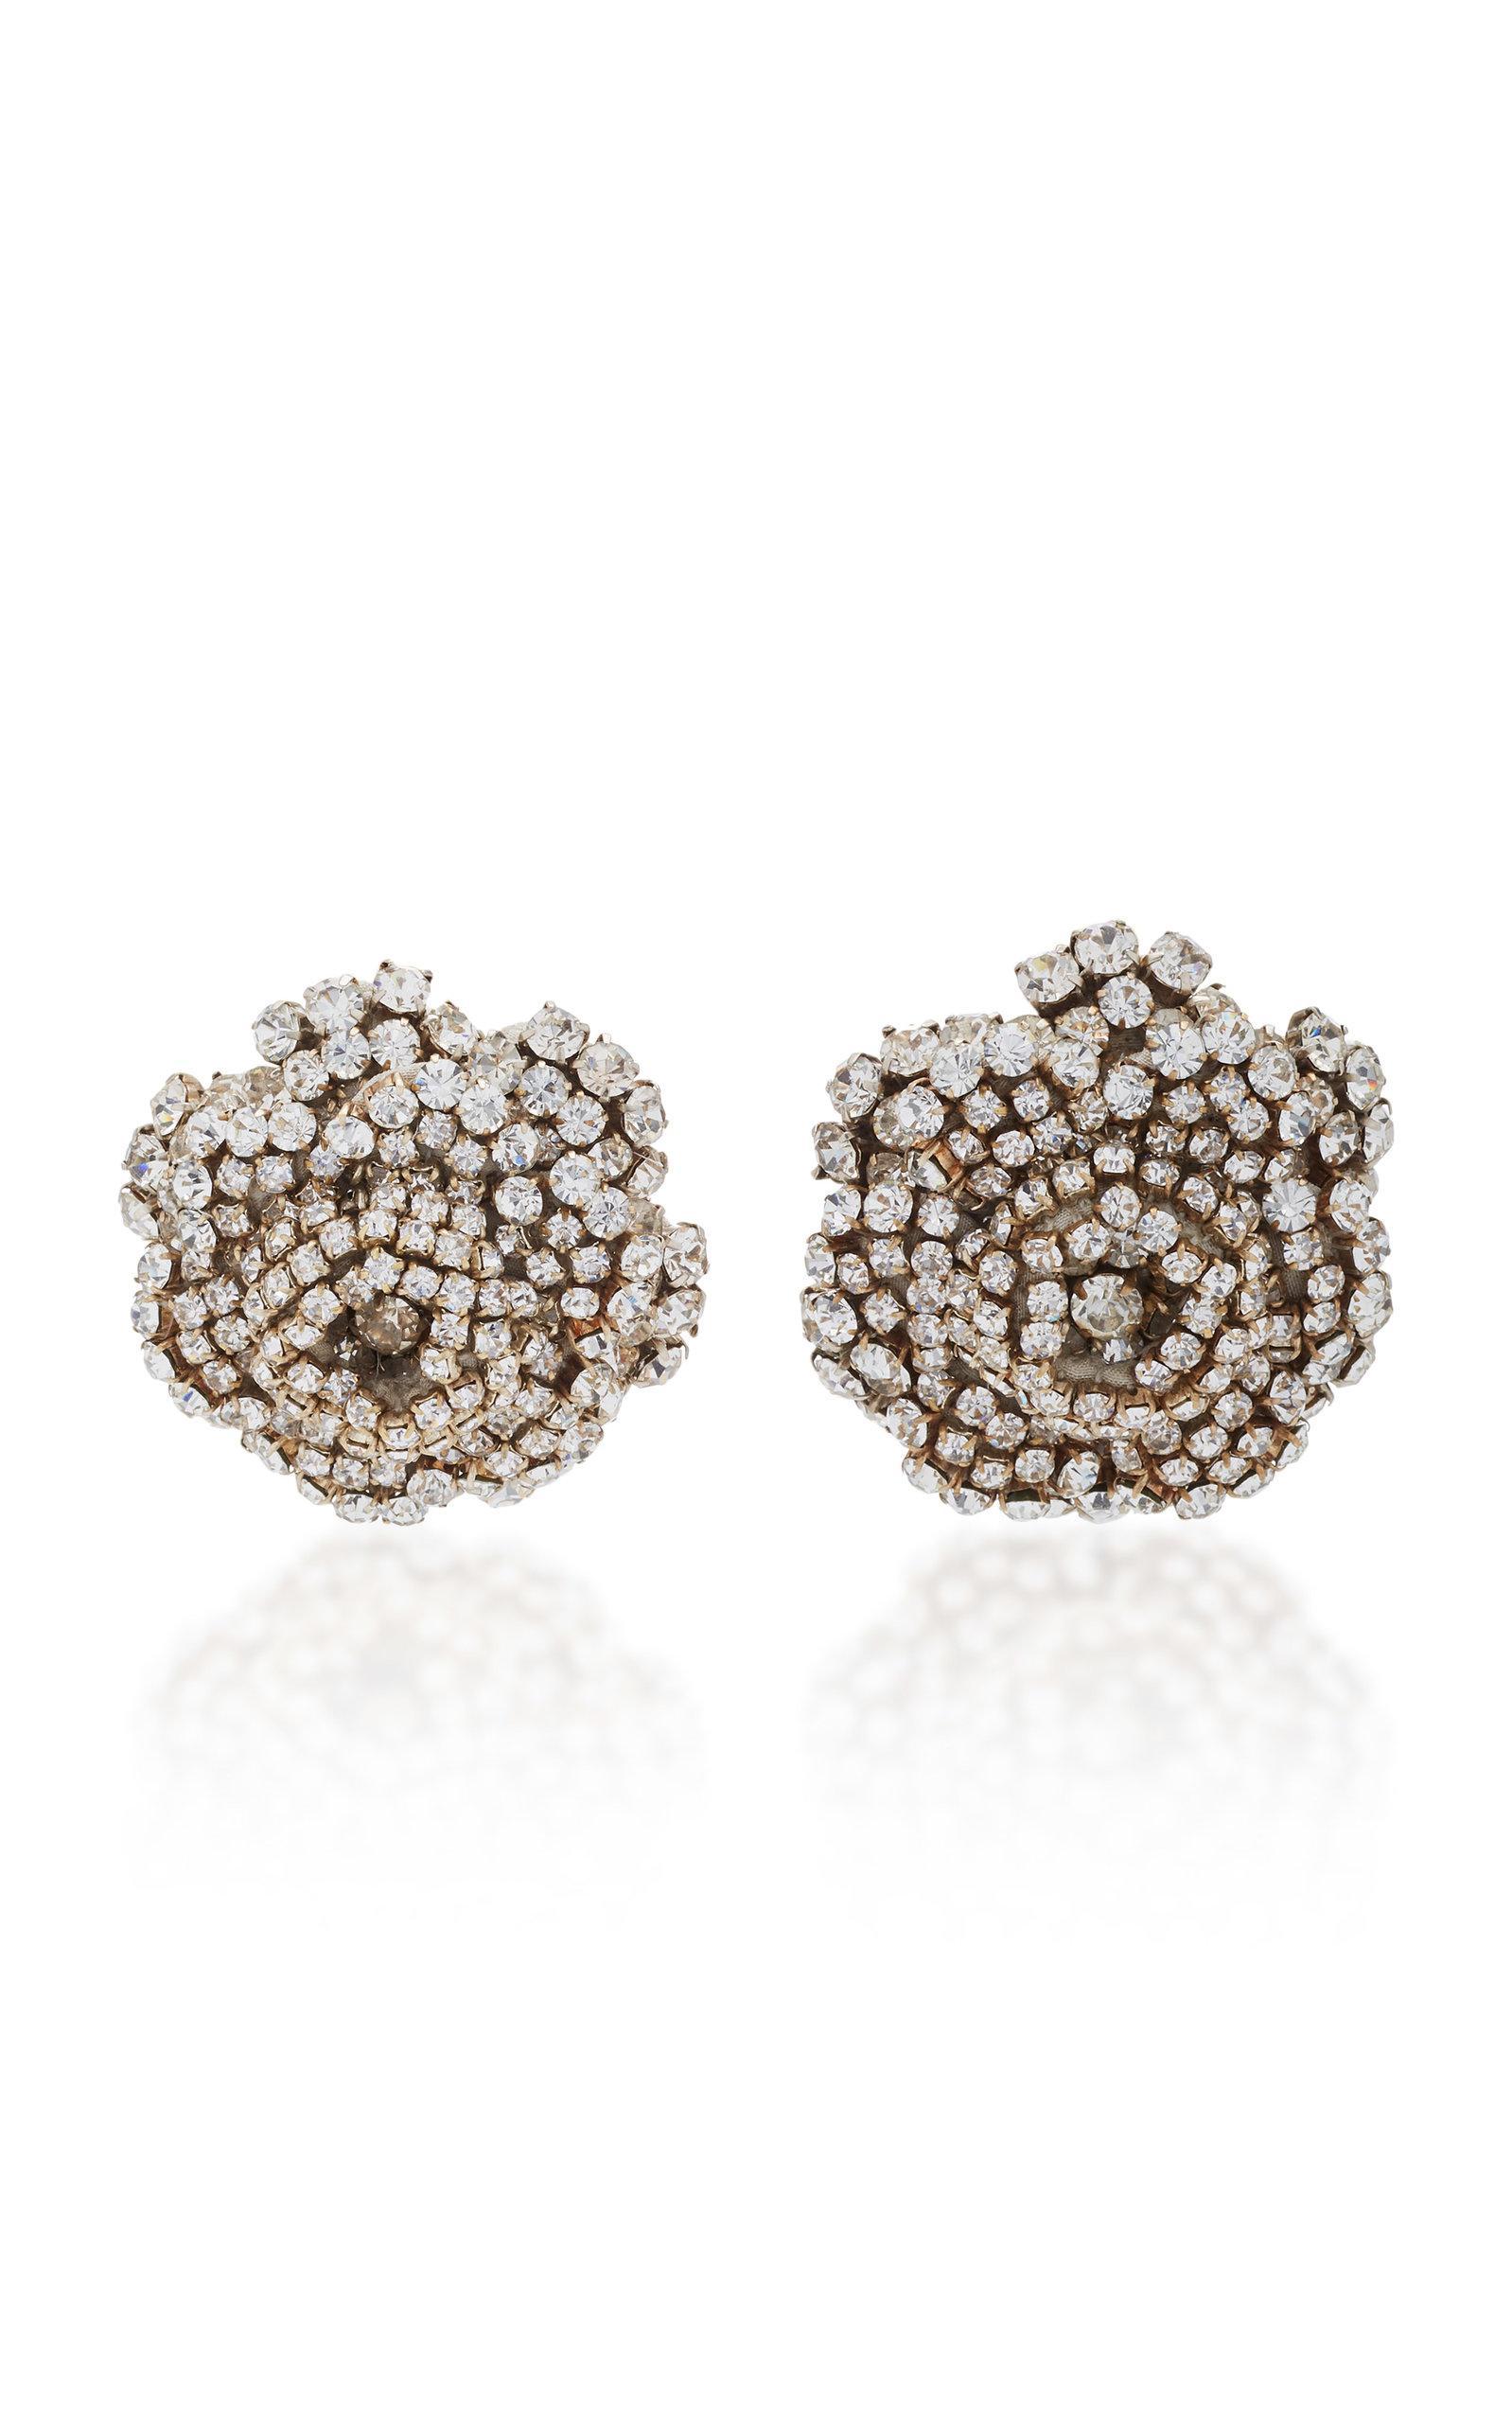 Rebecca De Ravenel Ava Floral Crystal Earrings In White